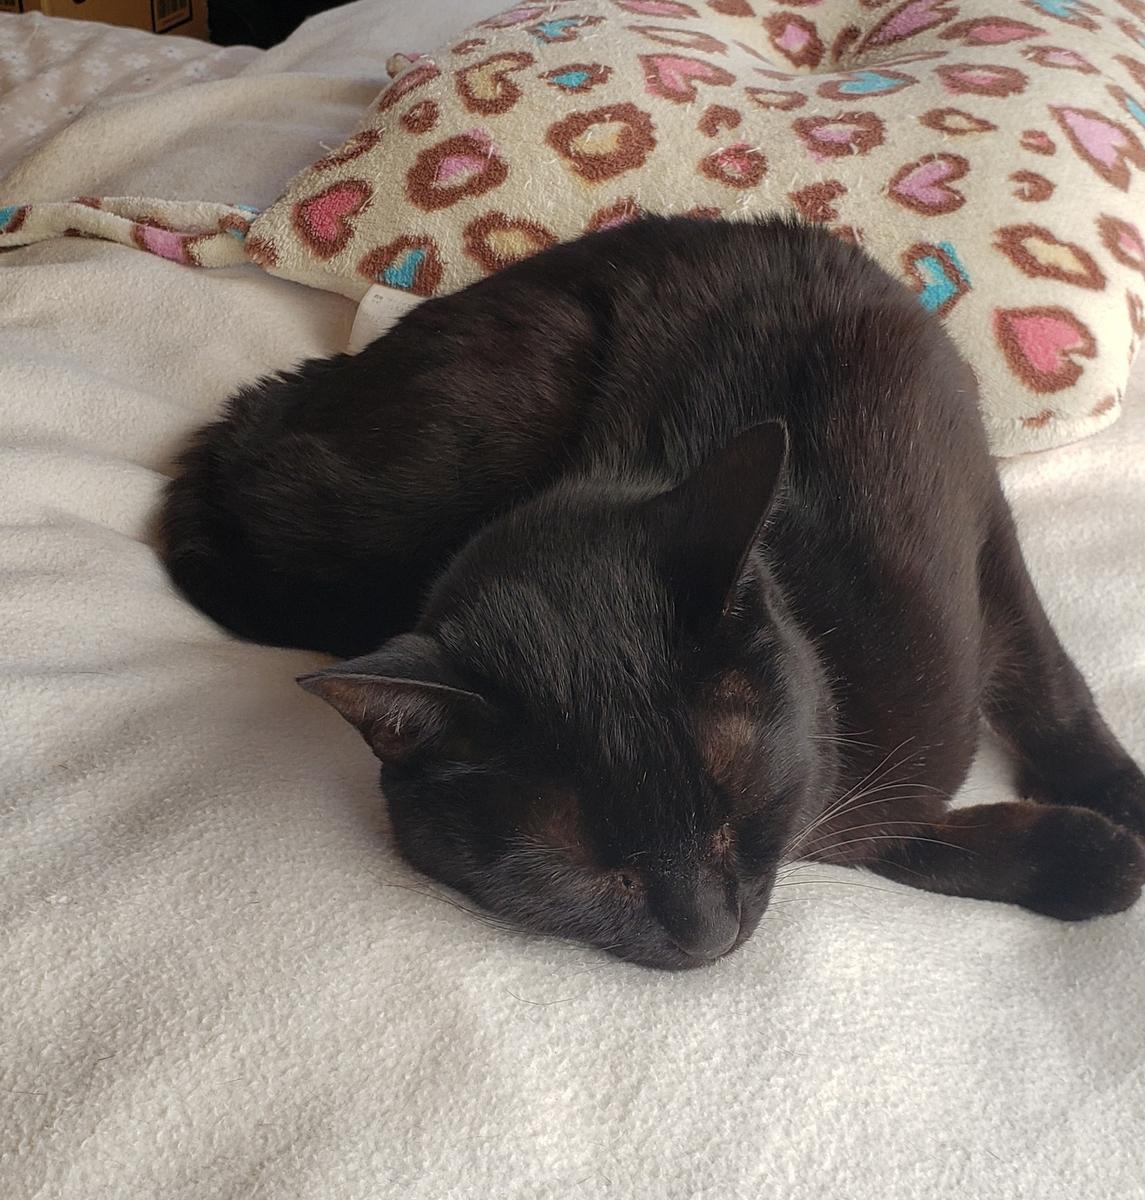 ねじれて寝る猫の写真